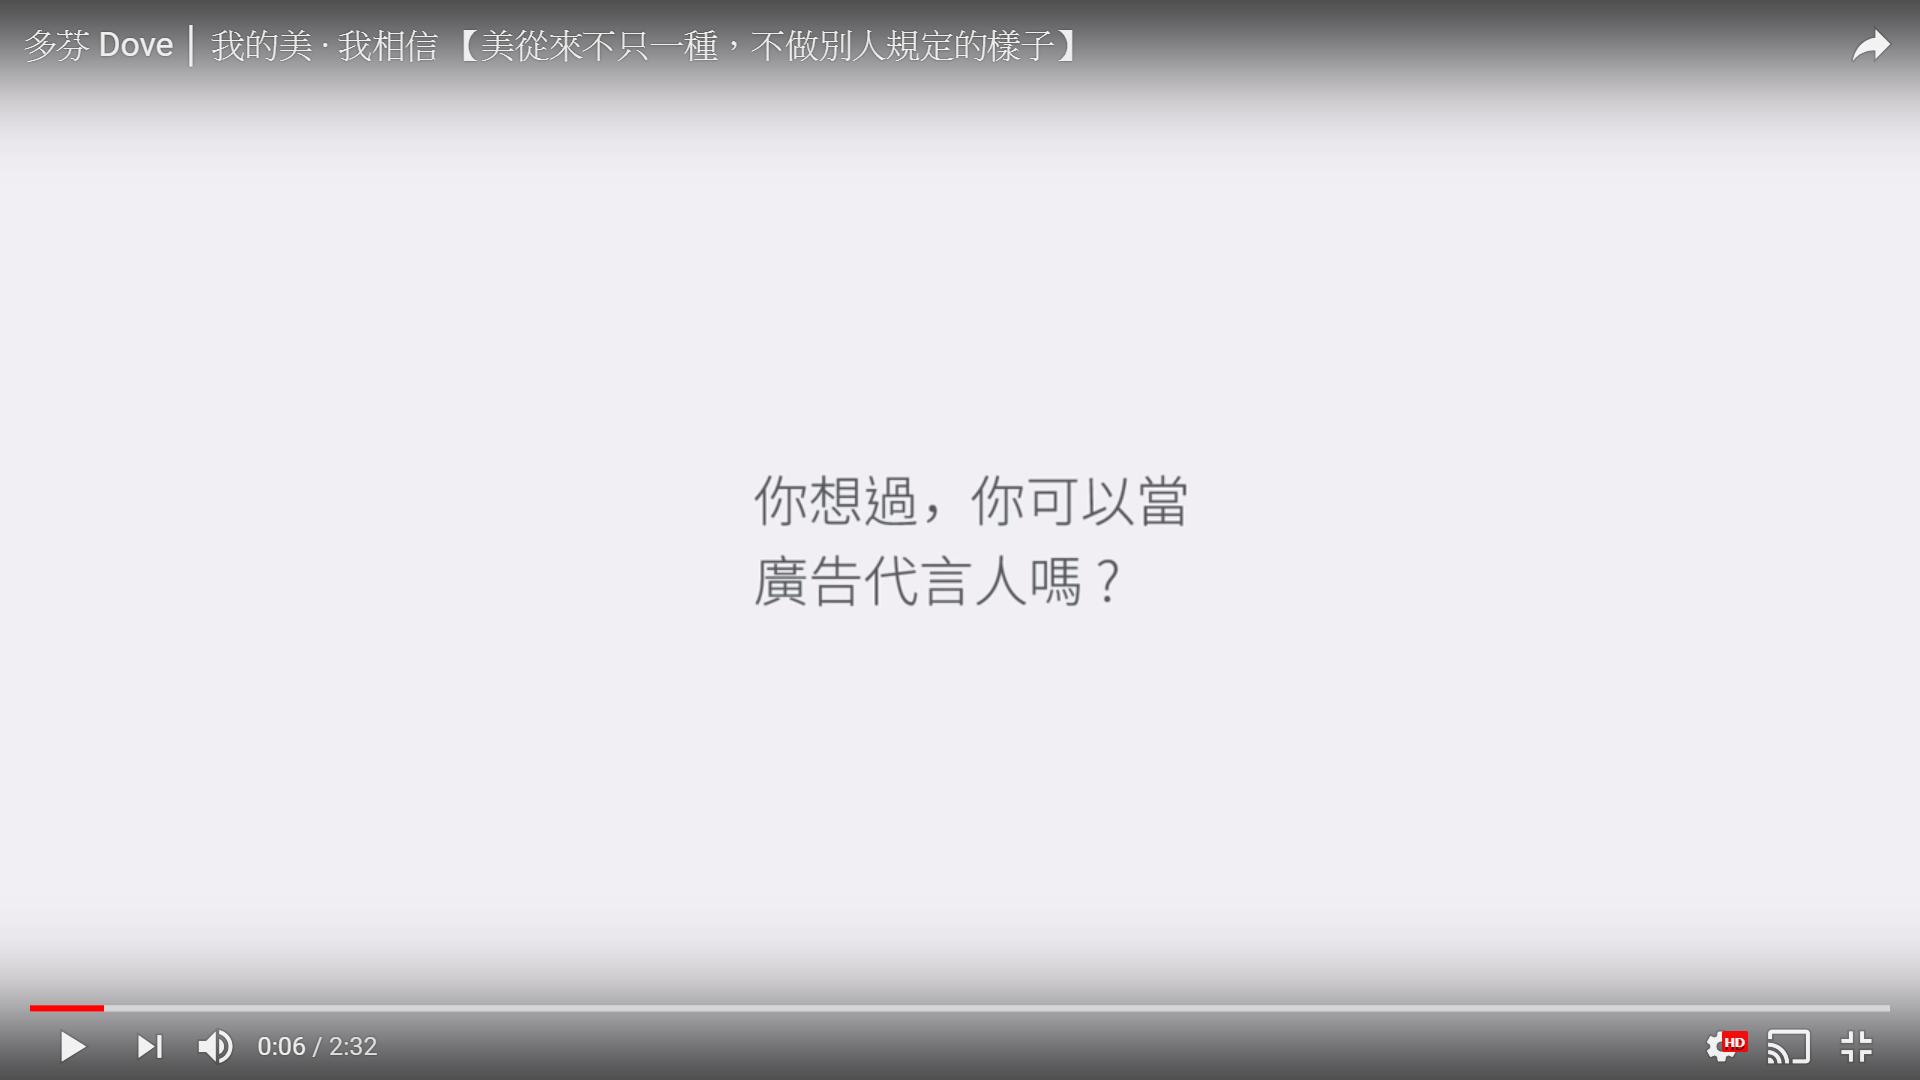 多芬 Dove │ 我的美 ‧ 我相信 」廣告案例分析 01